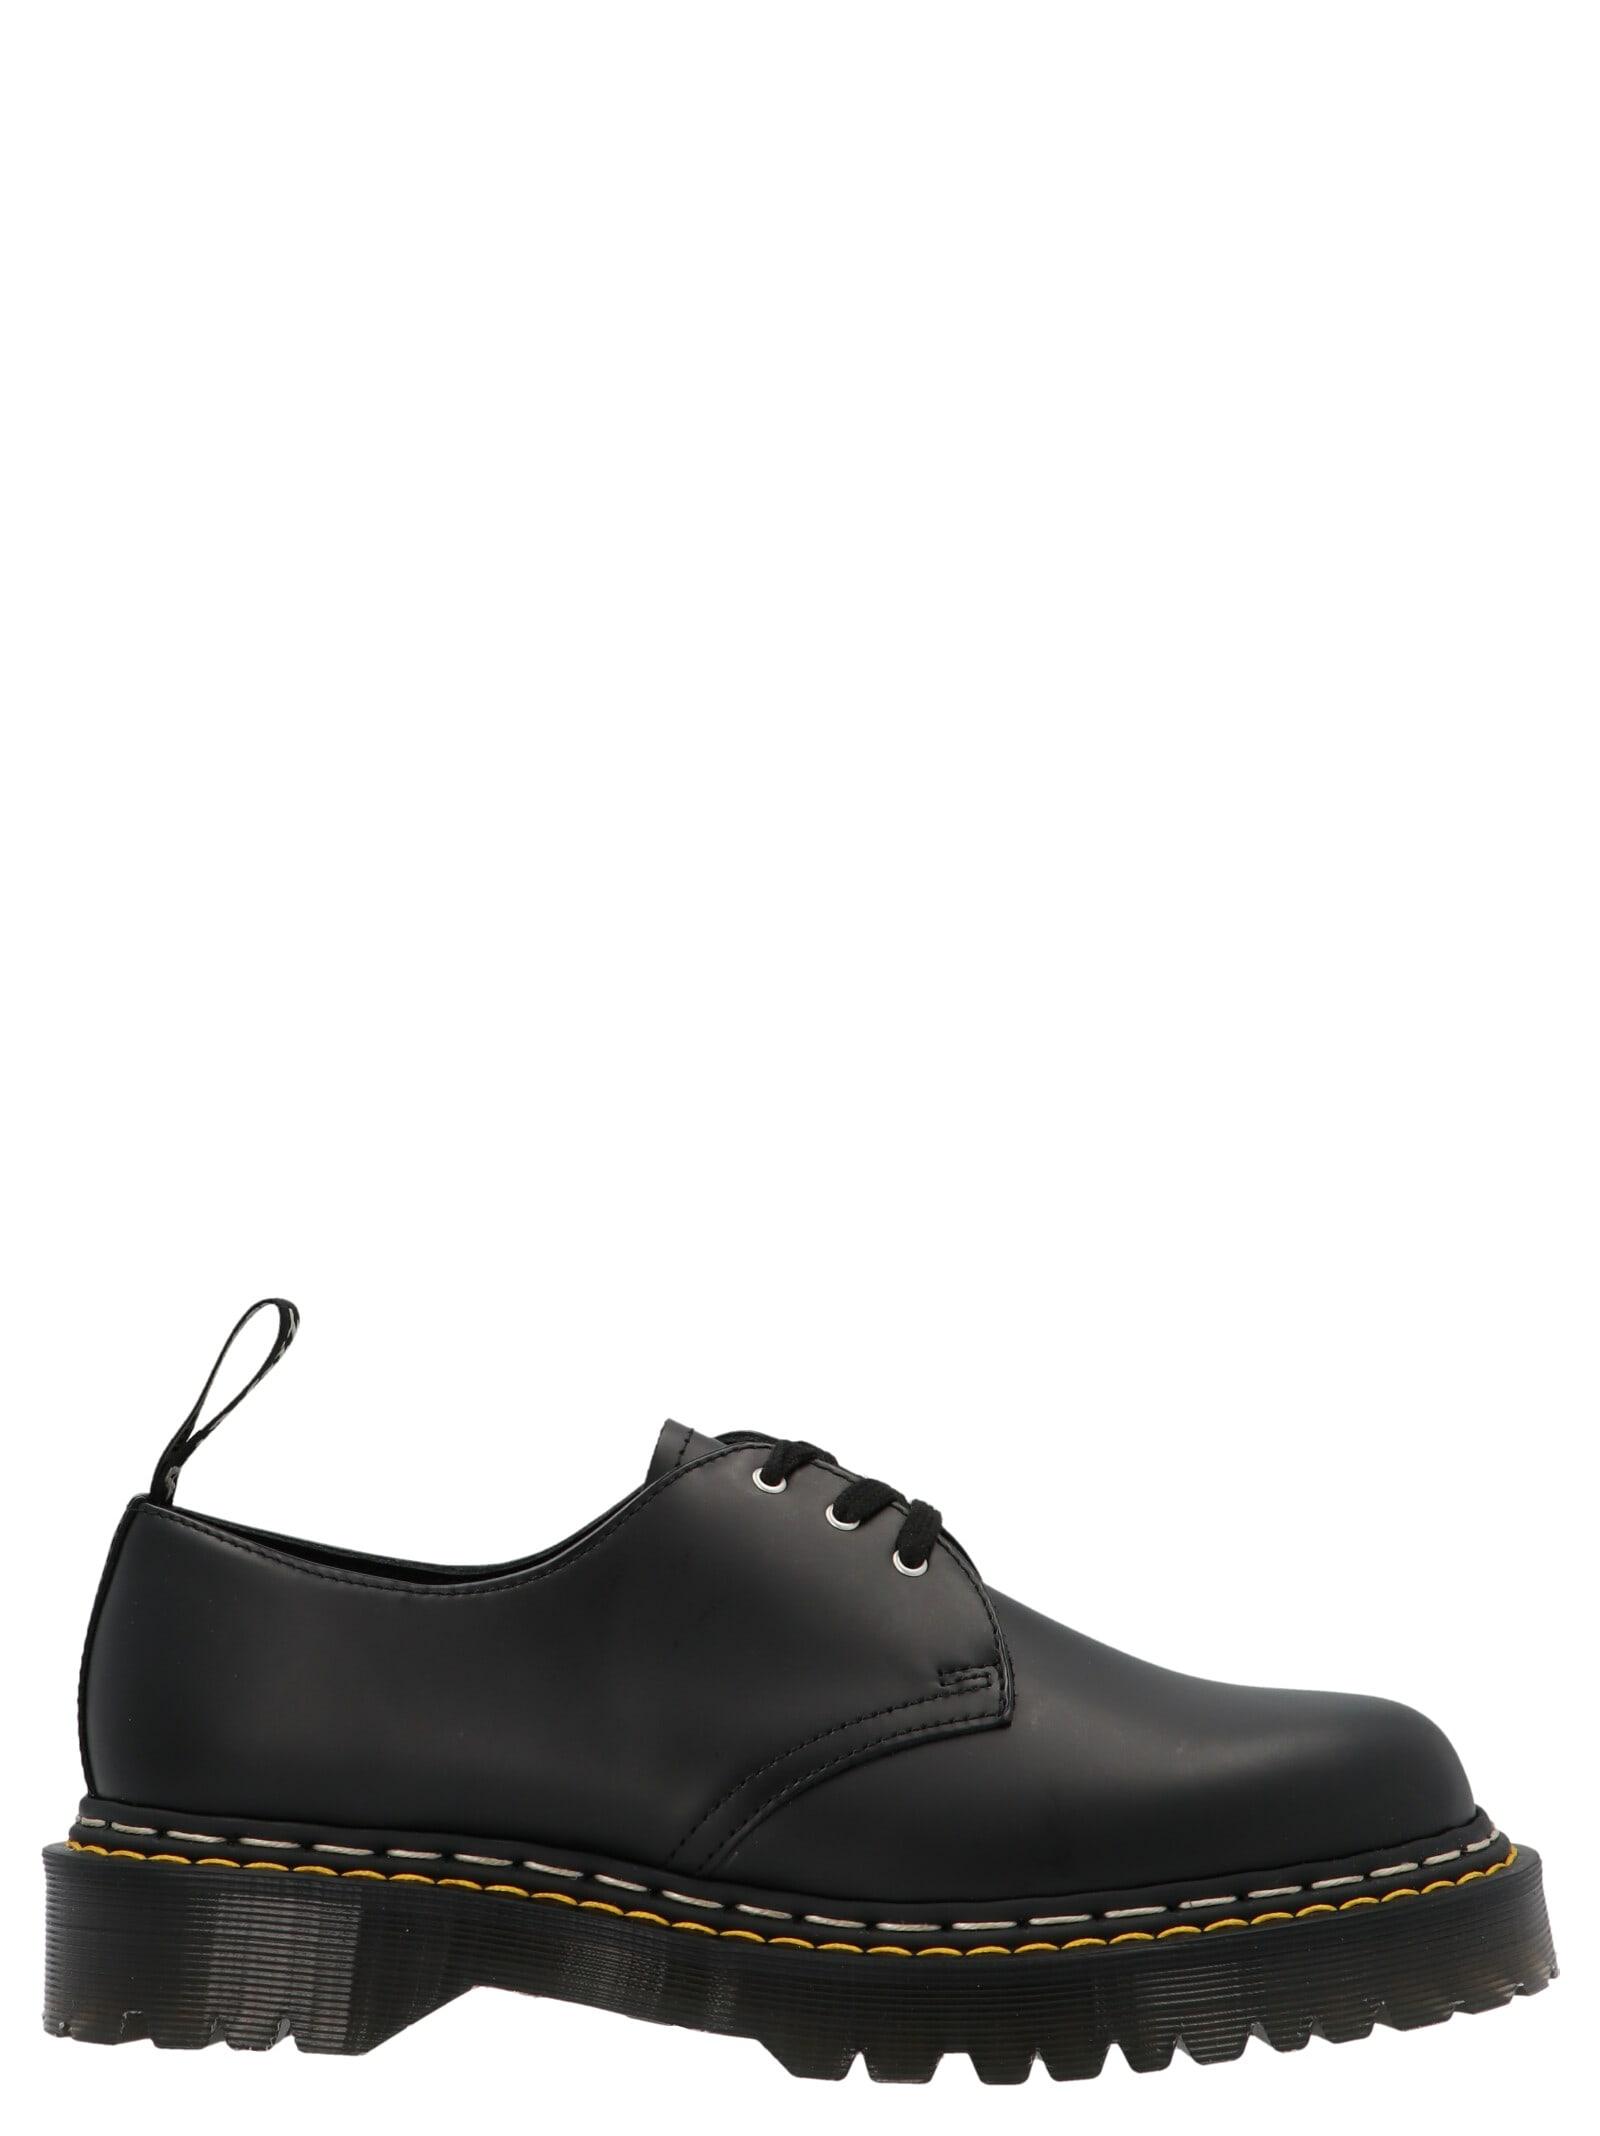 Rick Owens bex Sole Shoes